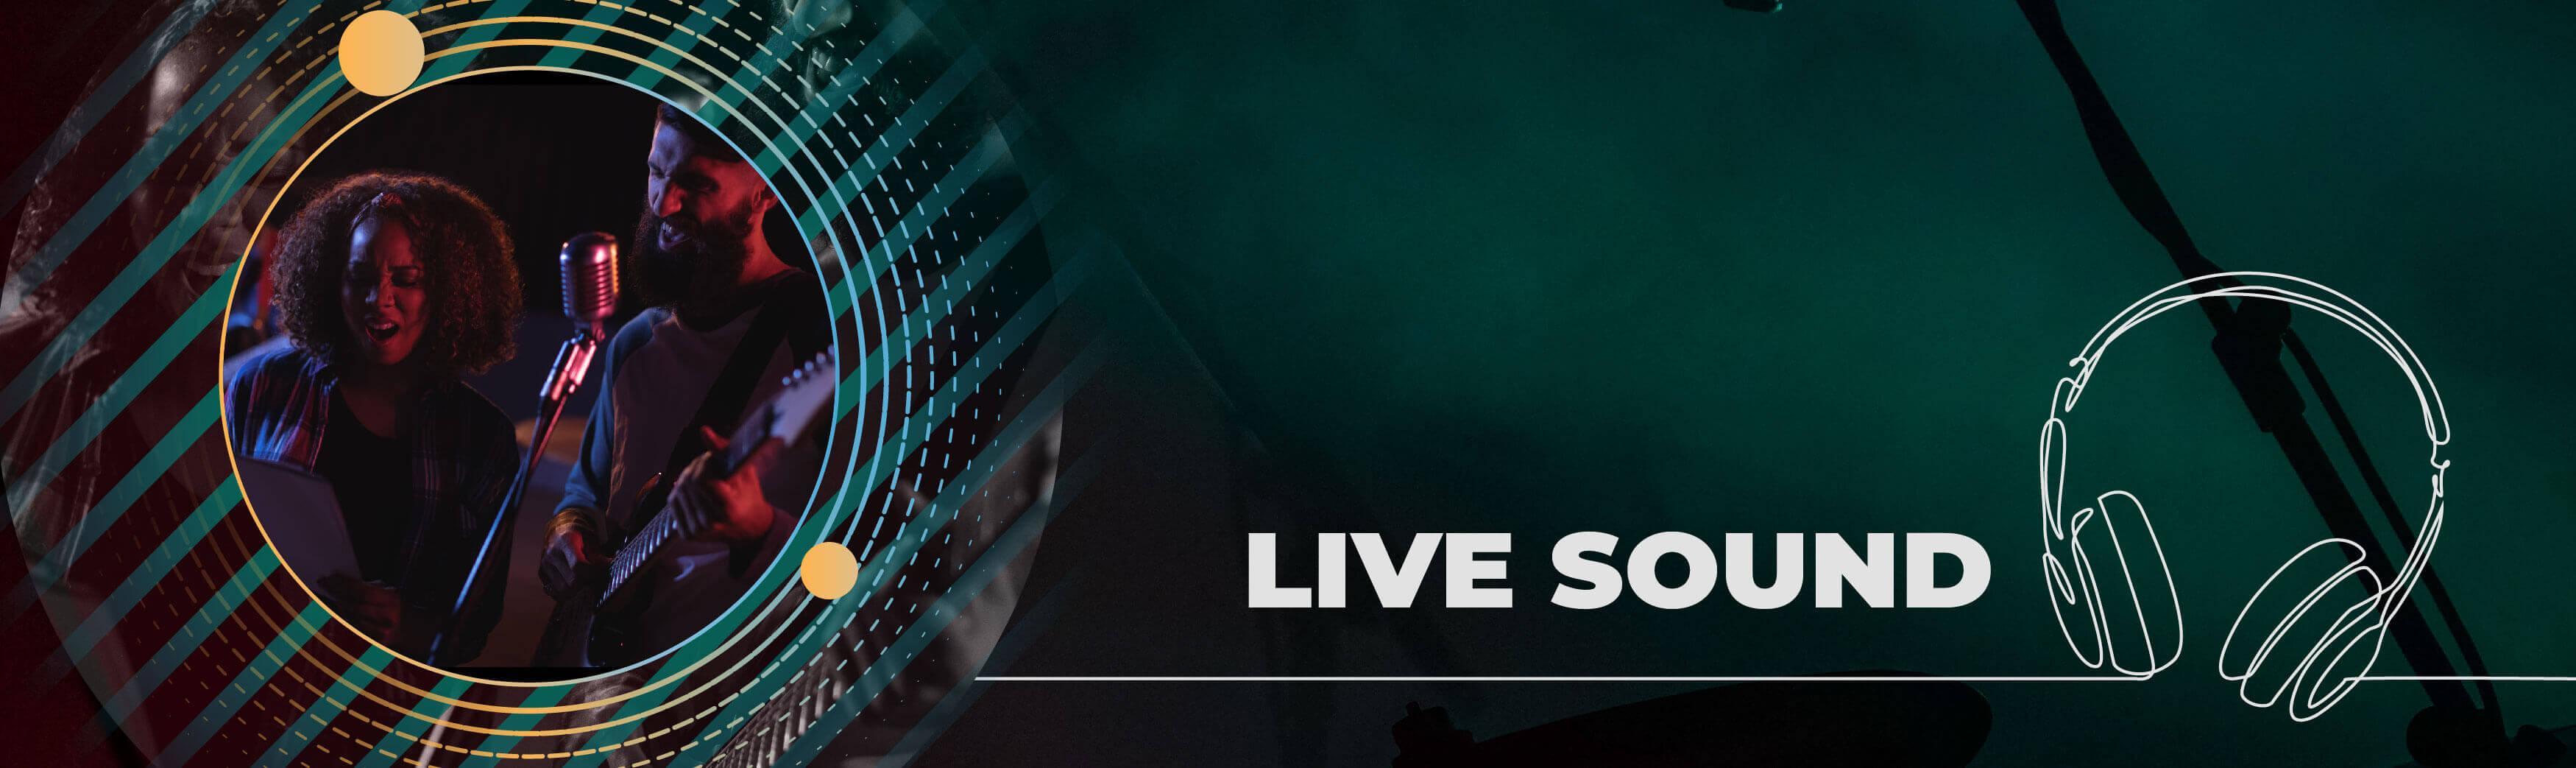 Live Sound for music | Melody House UAE Dubai